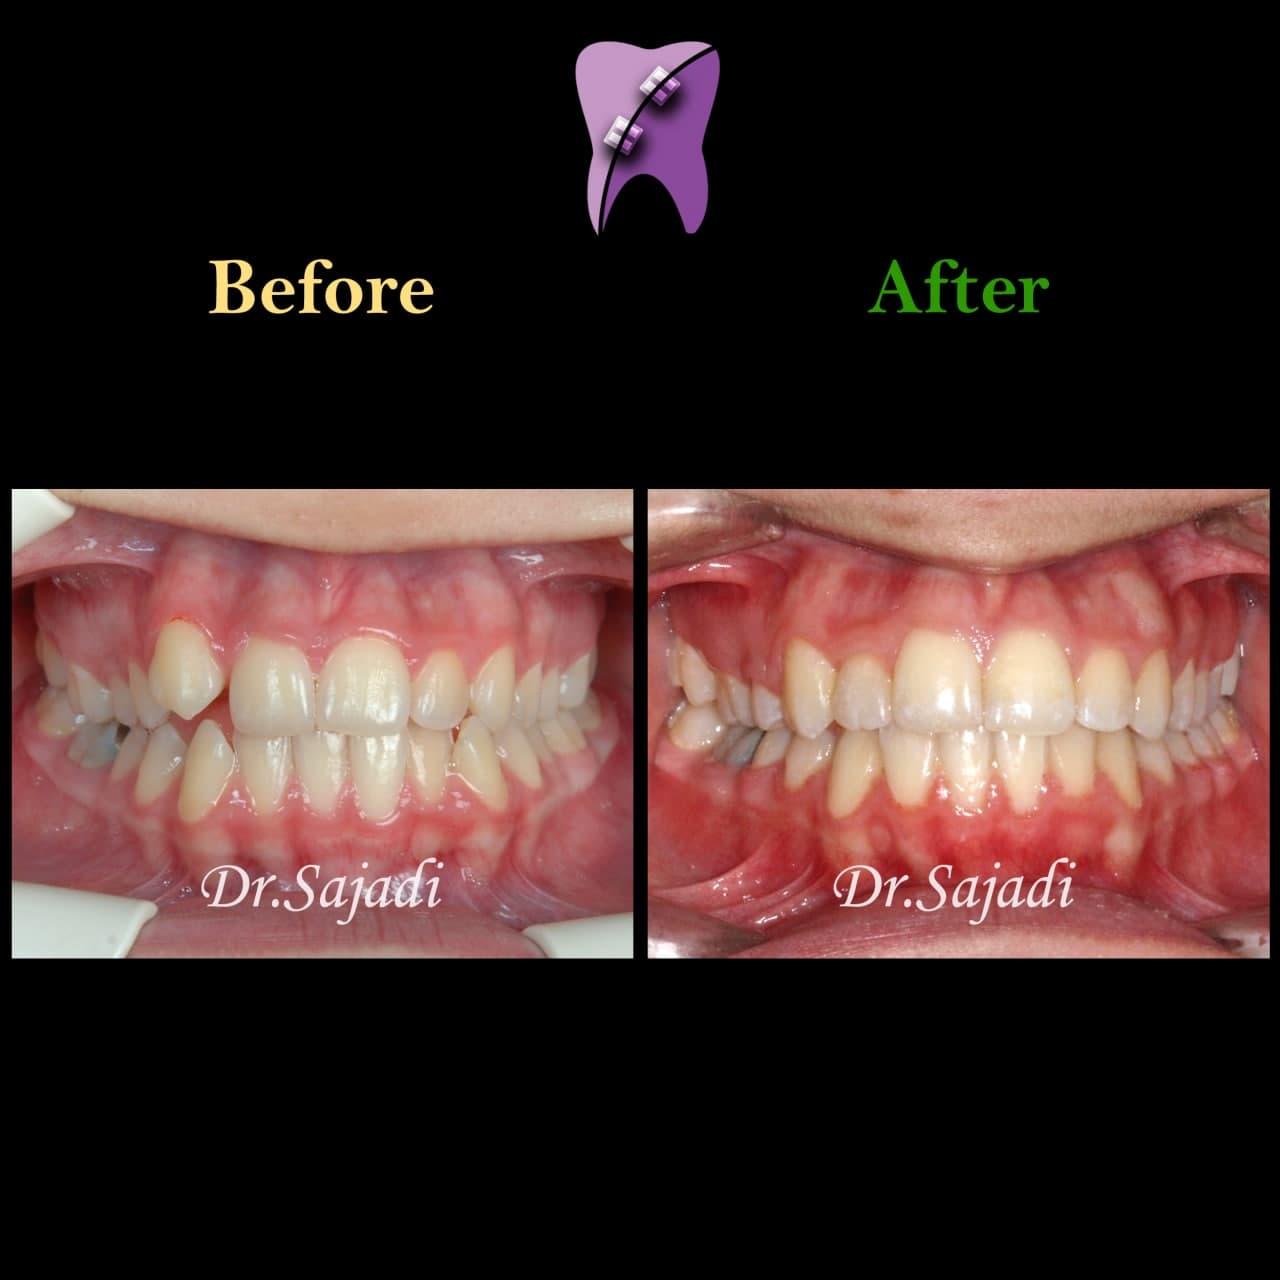 photo 2021 04 28 08 17 13 - ارتودنسی ثابت دو فک با کشیدن یک دندان آسیای کوچک